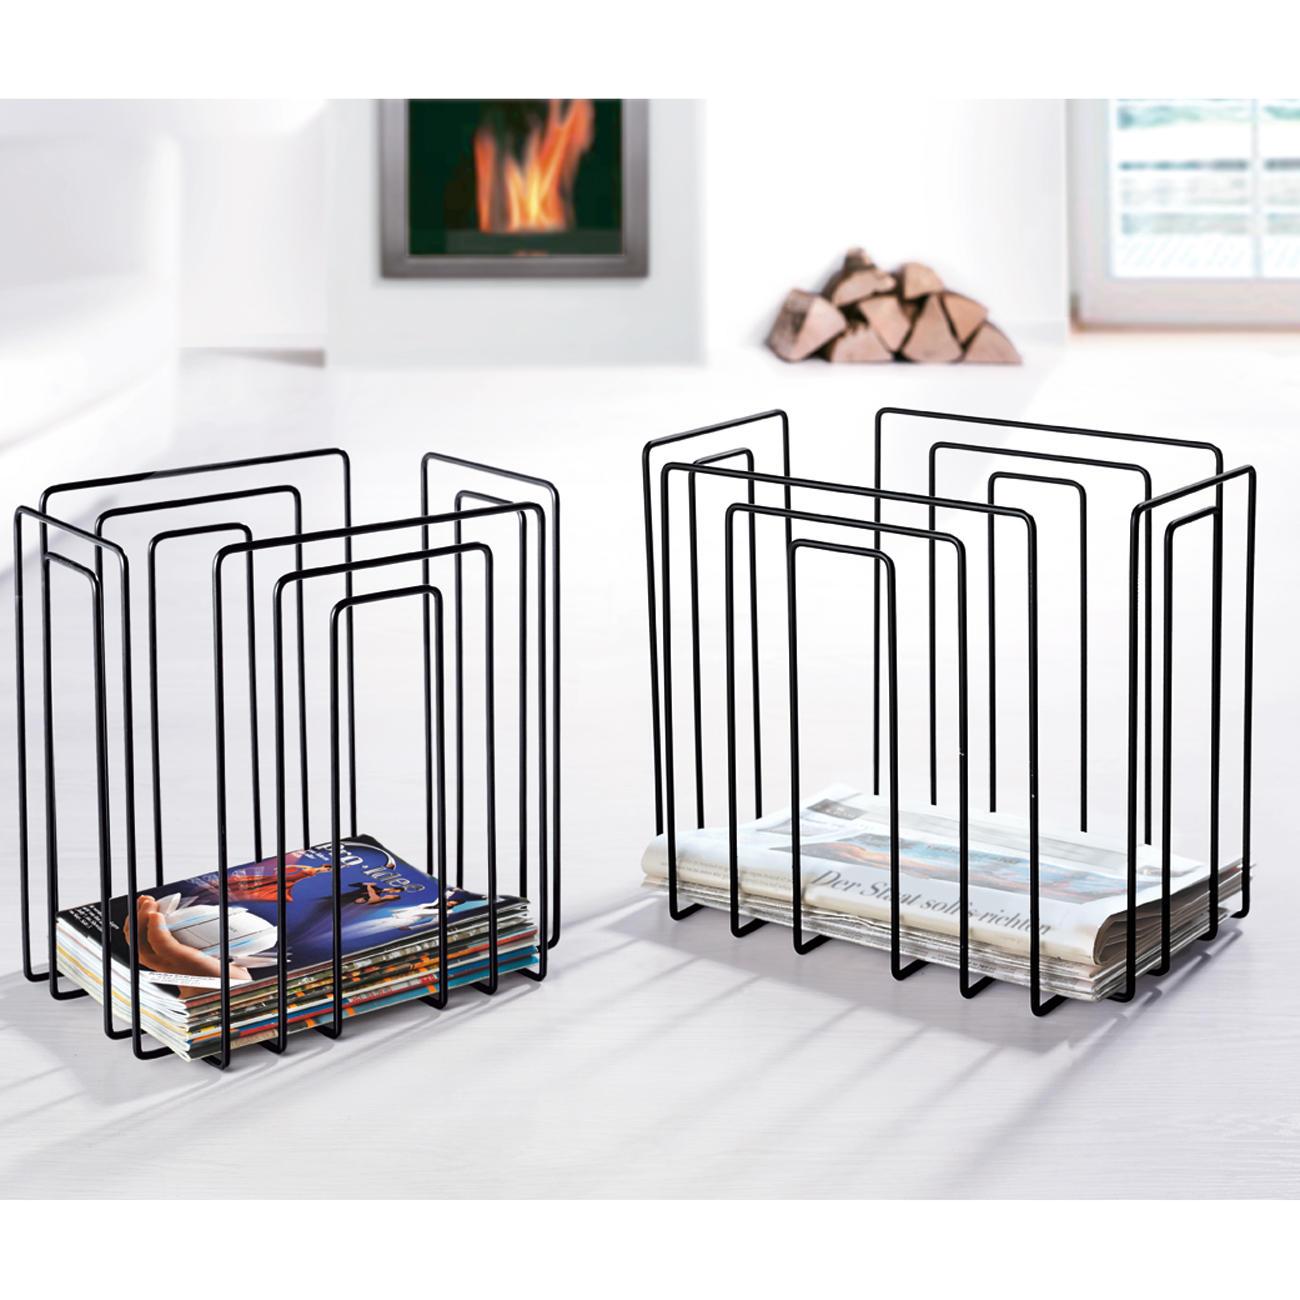 zeitungs oder zeitschriftensammler online kaufen. Black Bedroom Furniture Sets. Home Design Ideas